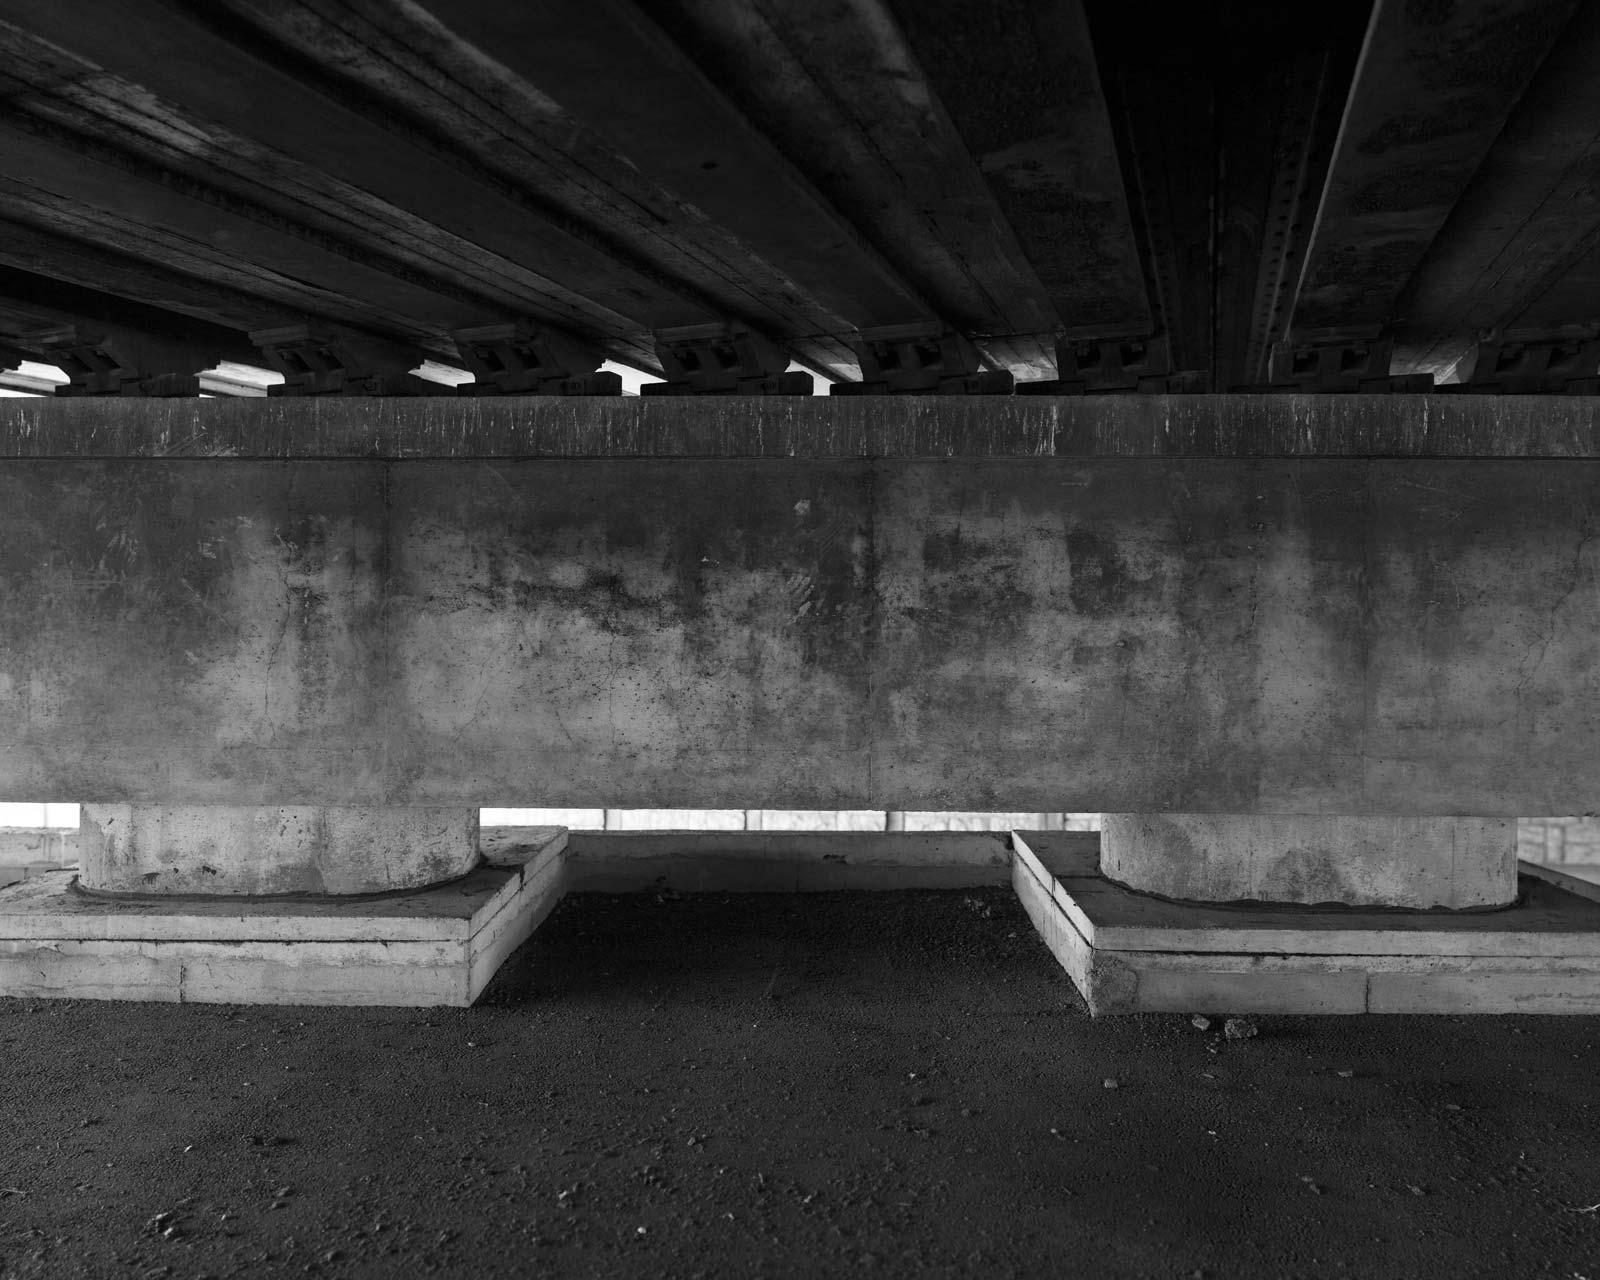 typologie-du-beton_02_ludovic-maillard